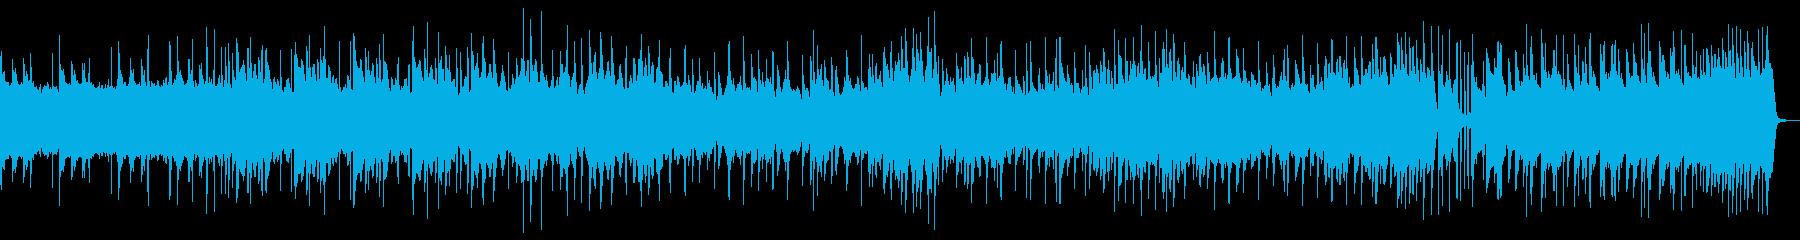 8bit ポップファンタジー 1コーラスの再生済みの波形